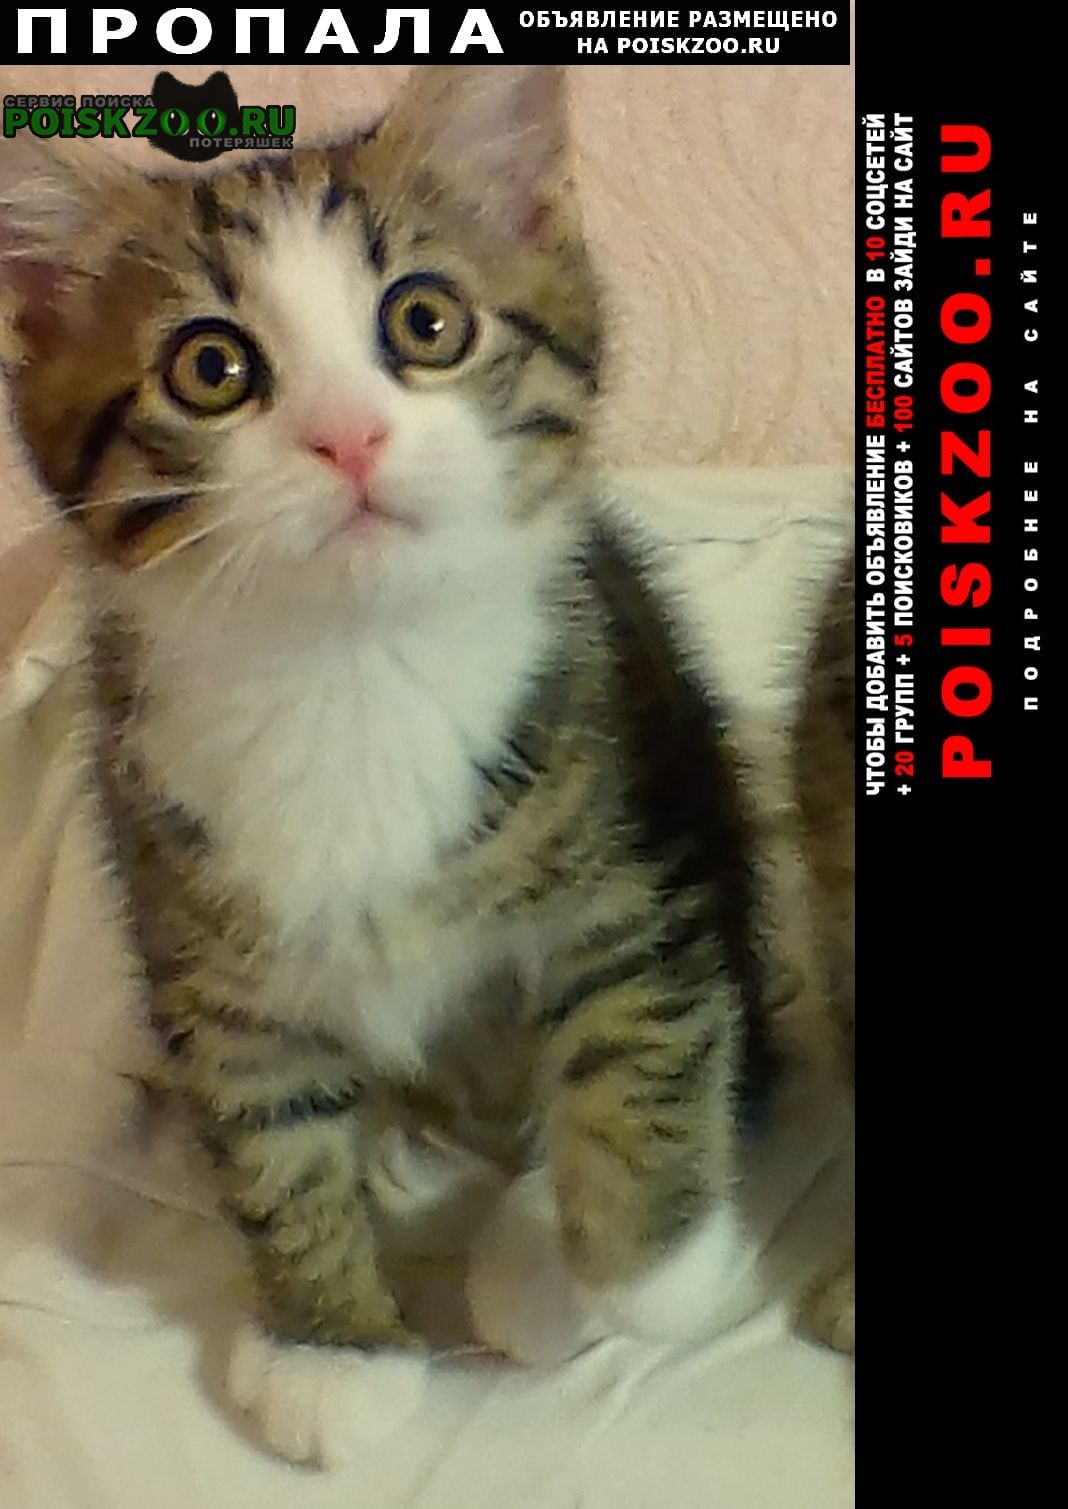 Георгиевск Пропала кошка любимый кот в станице незлобной